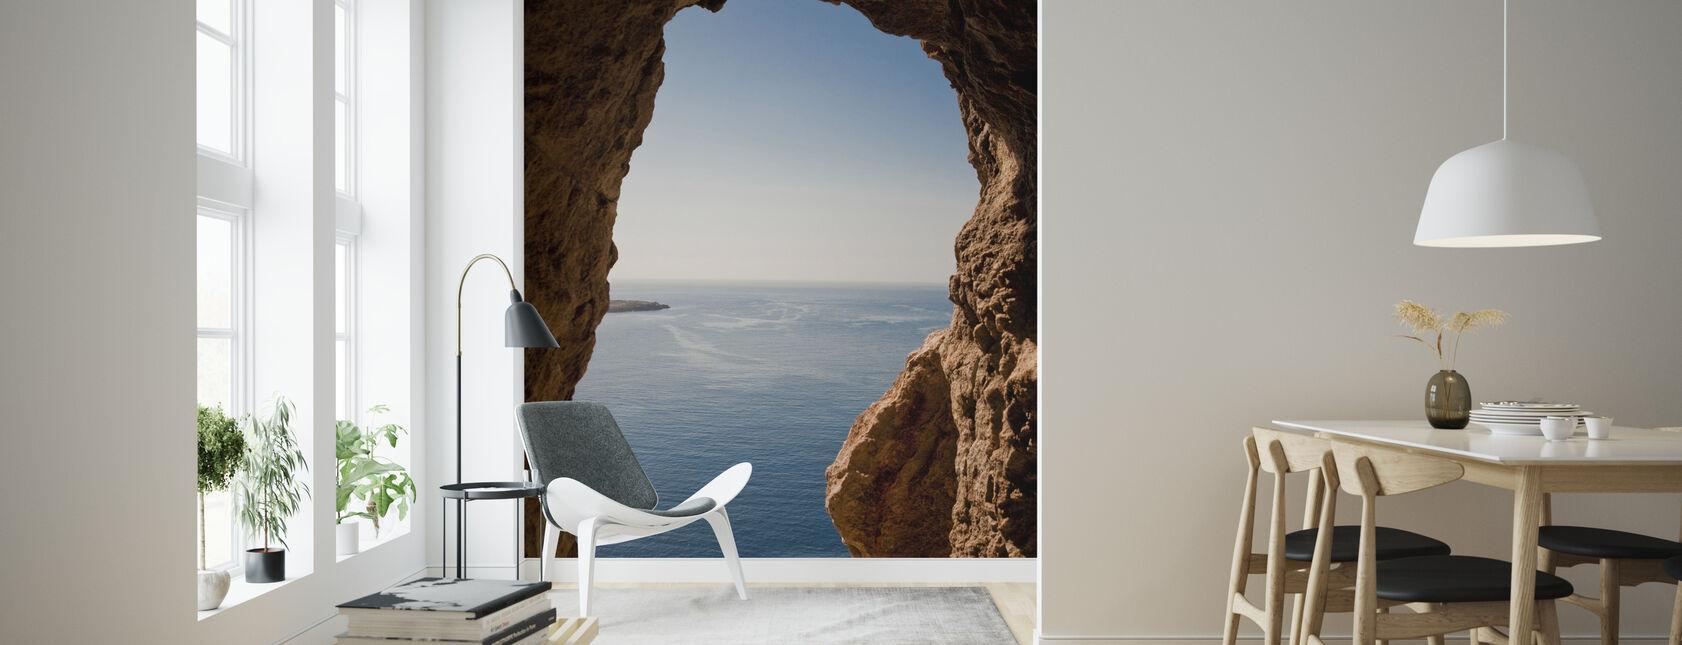 Menorcan Seascape - Tapeta - Pokój dzienny